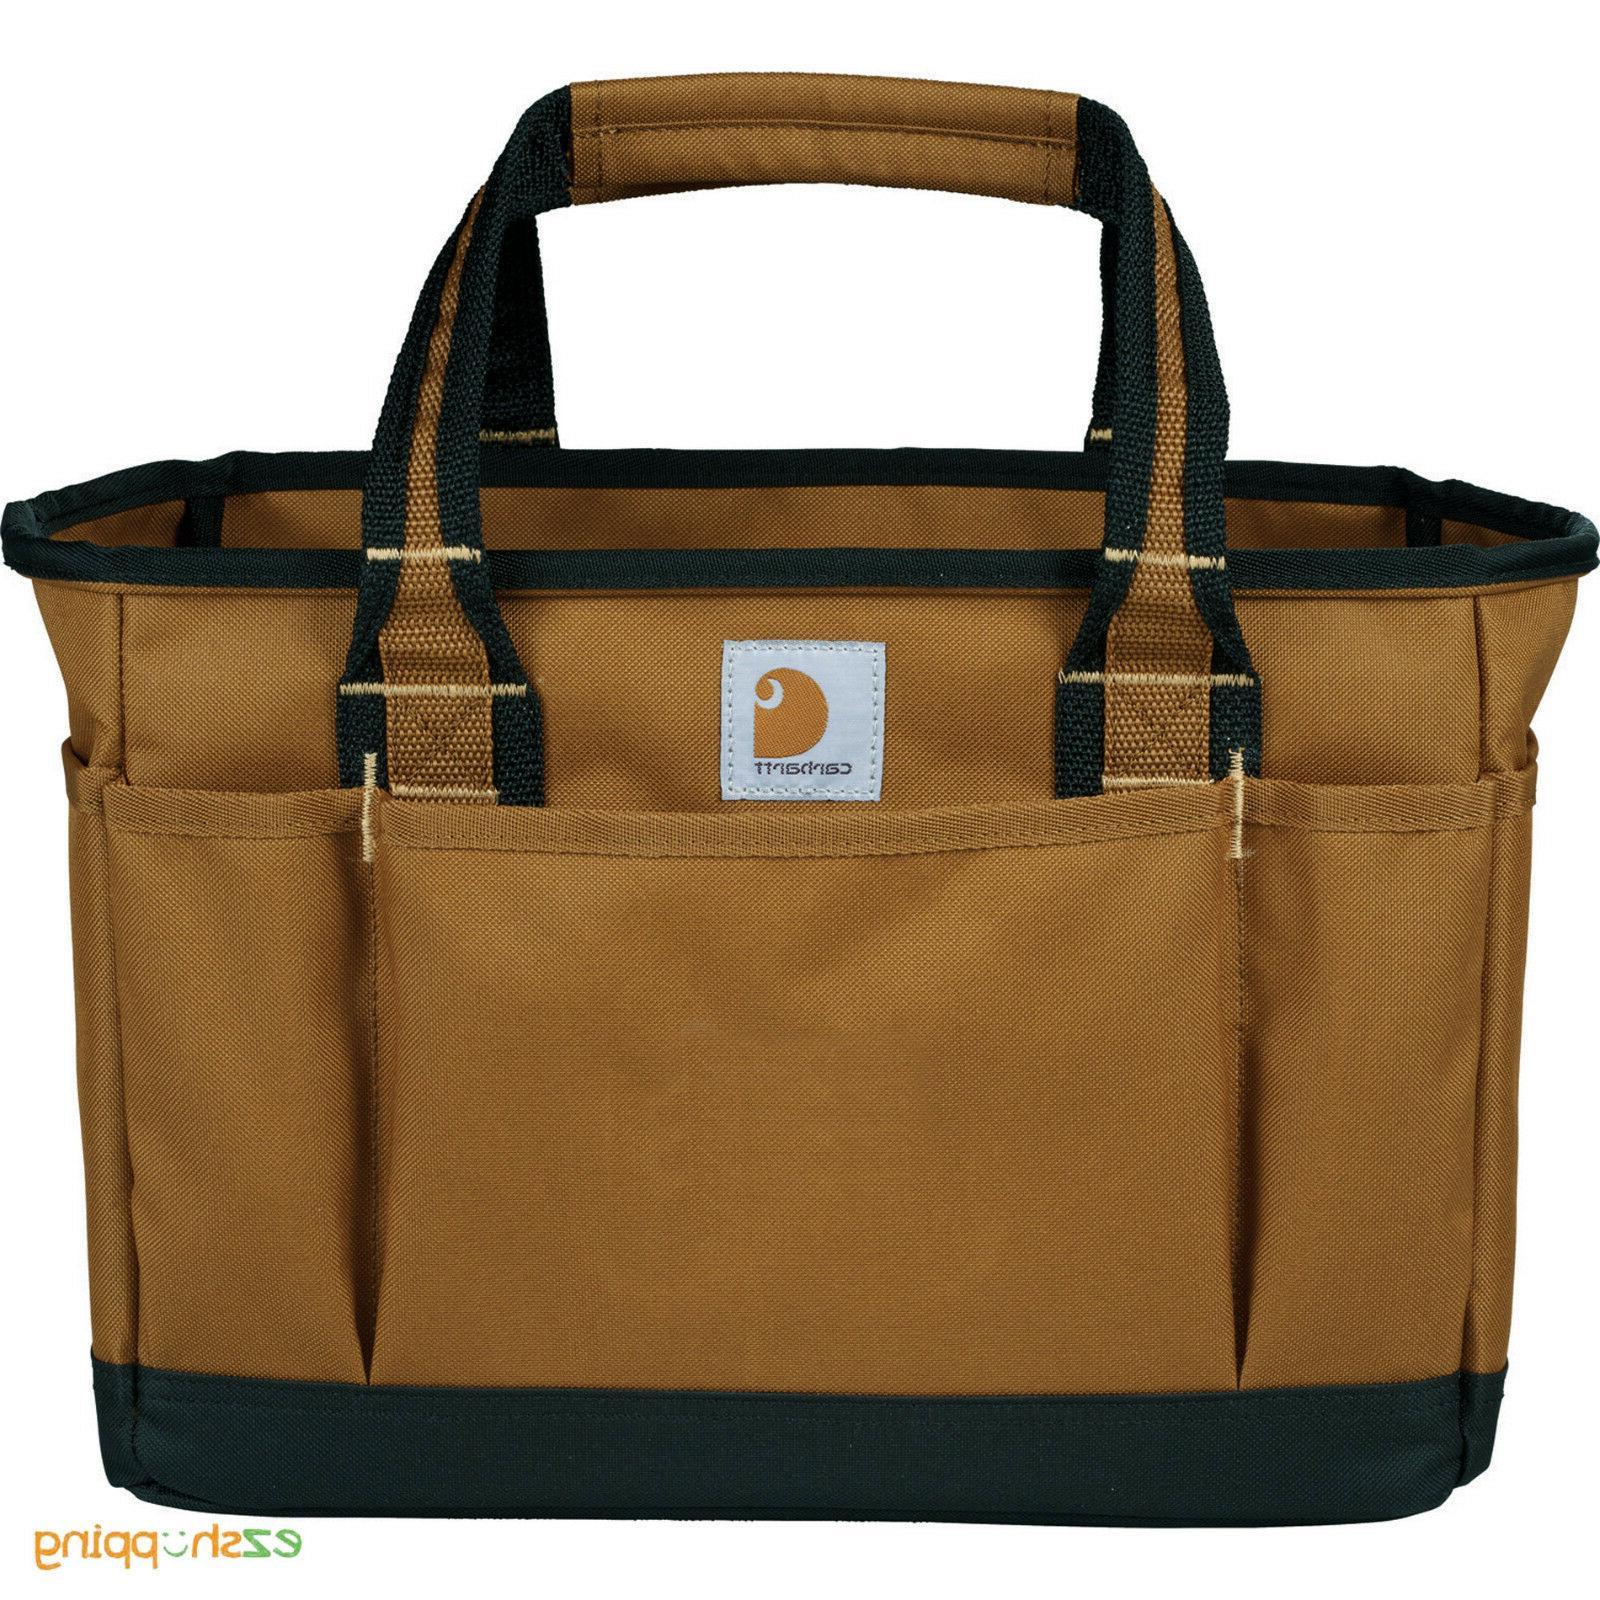 New Tool Tote Bag